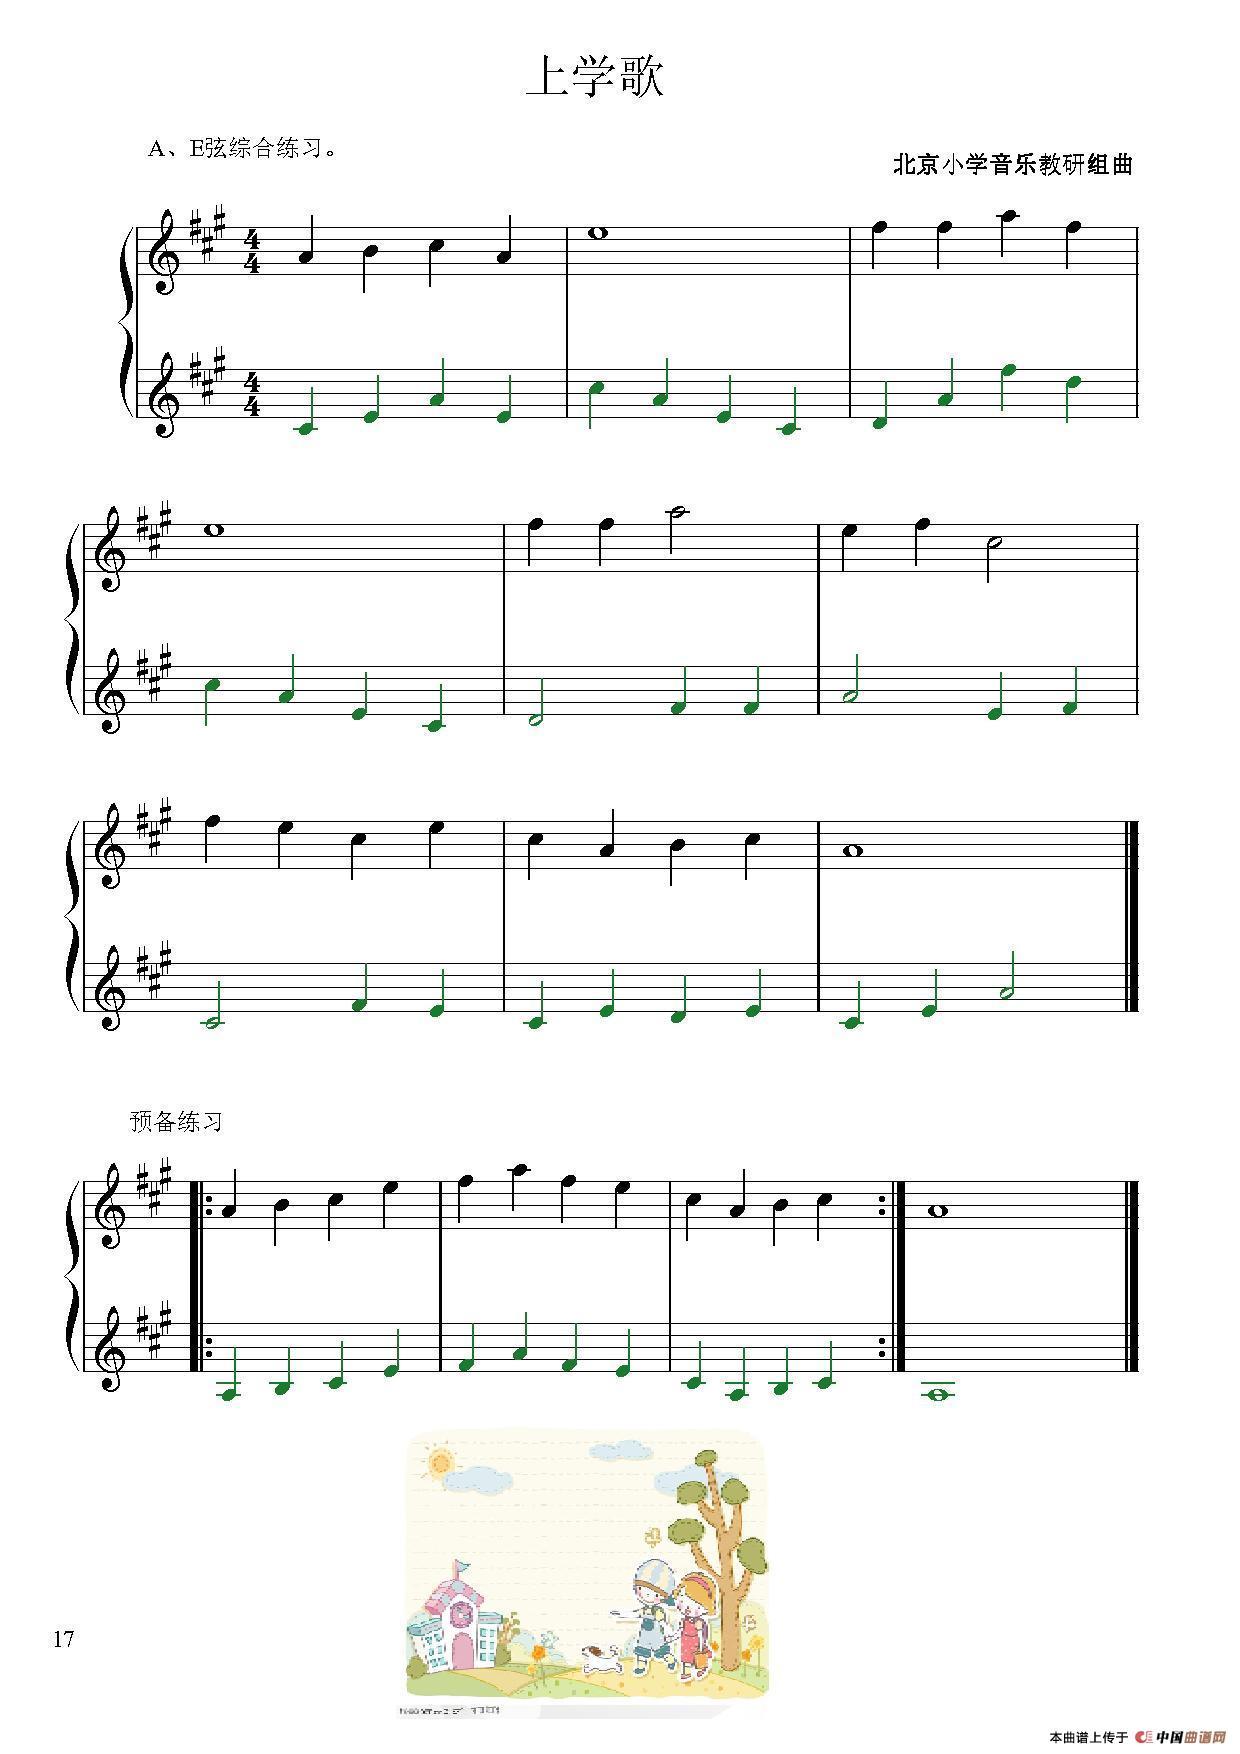 上学歌简谱 小提琴二重奏 王少师器乐曲创编个人制谱园地 中国曲谱网